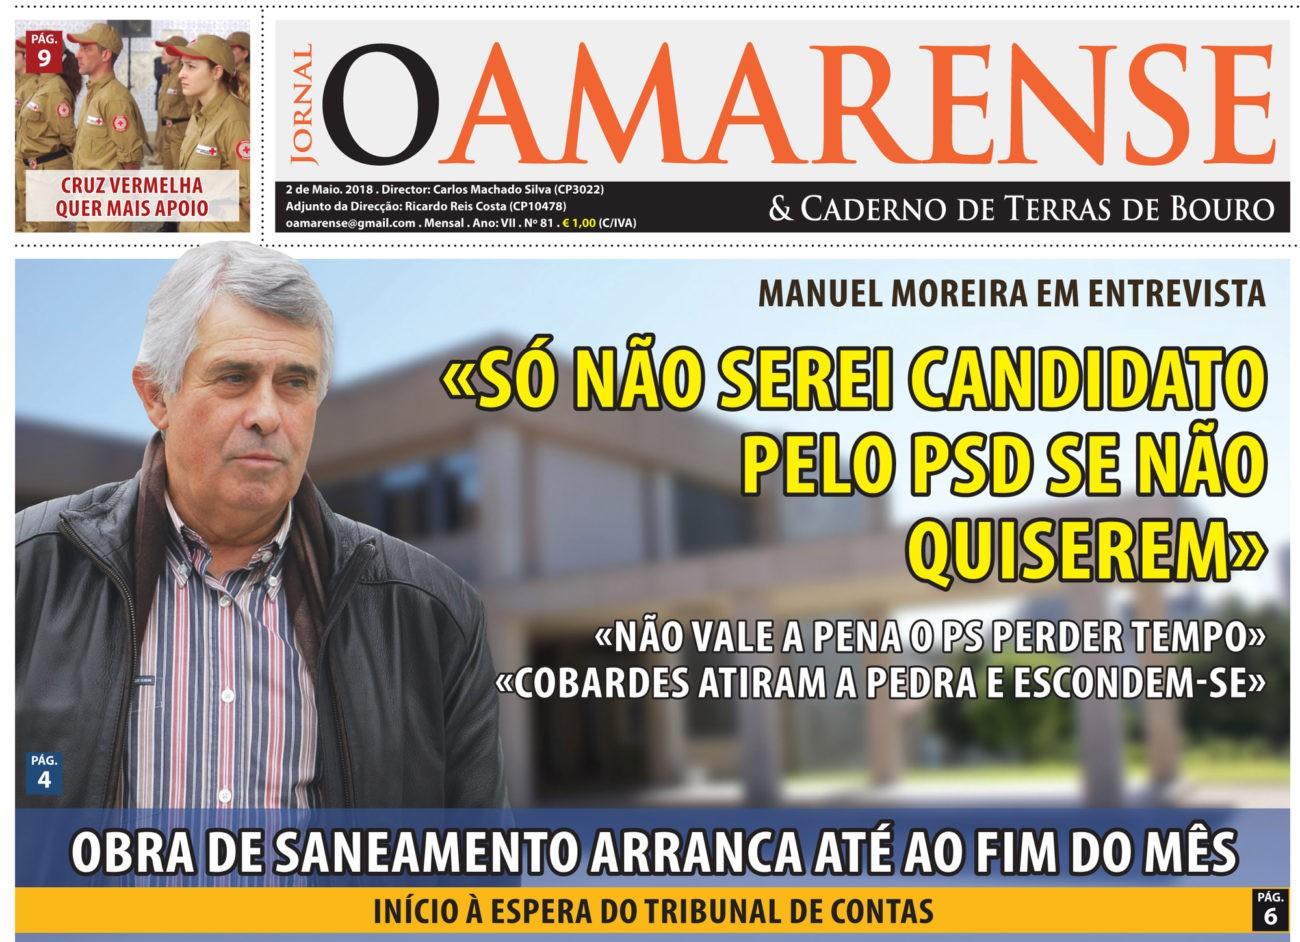 MANUEL MOREIRA EM ENTREVISTA «Só não serei candidato do PSD se não quiserem»